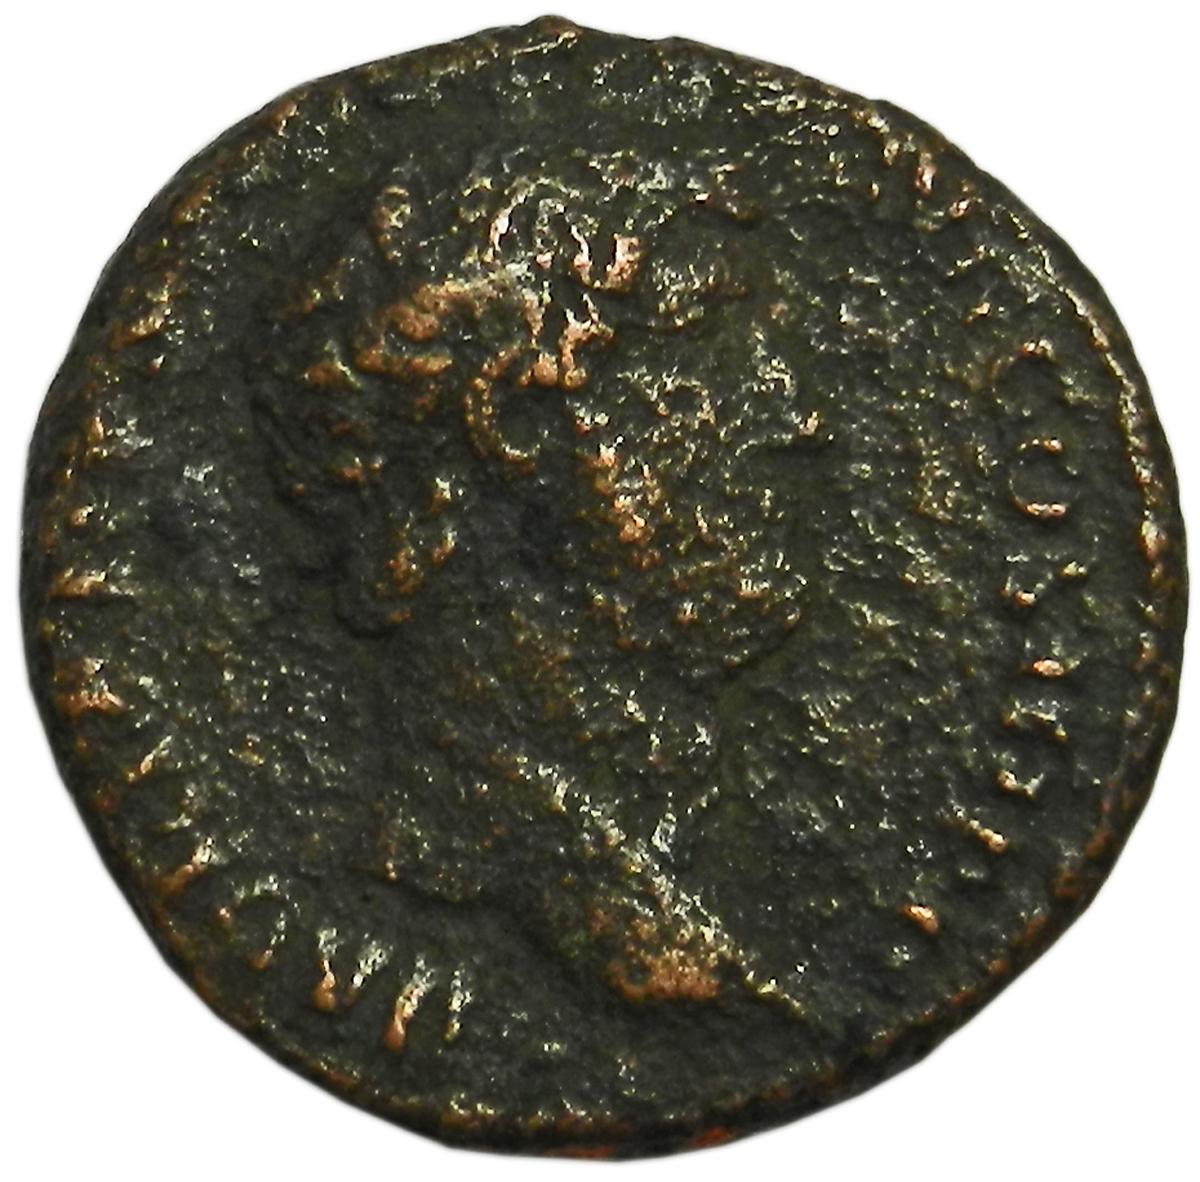 фото римских монет из бронзы него оказали влияние